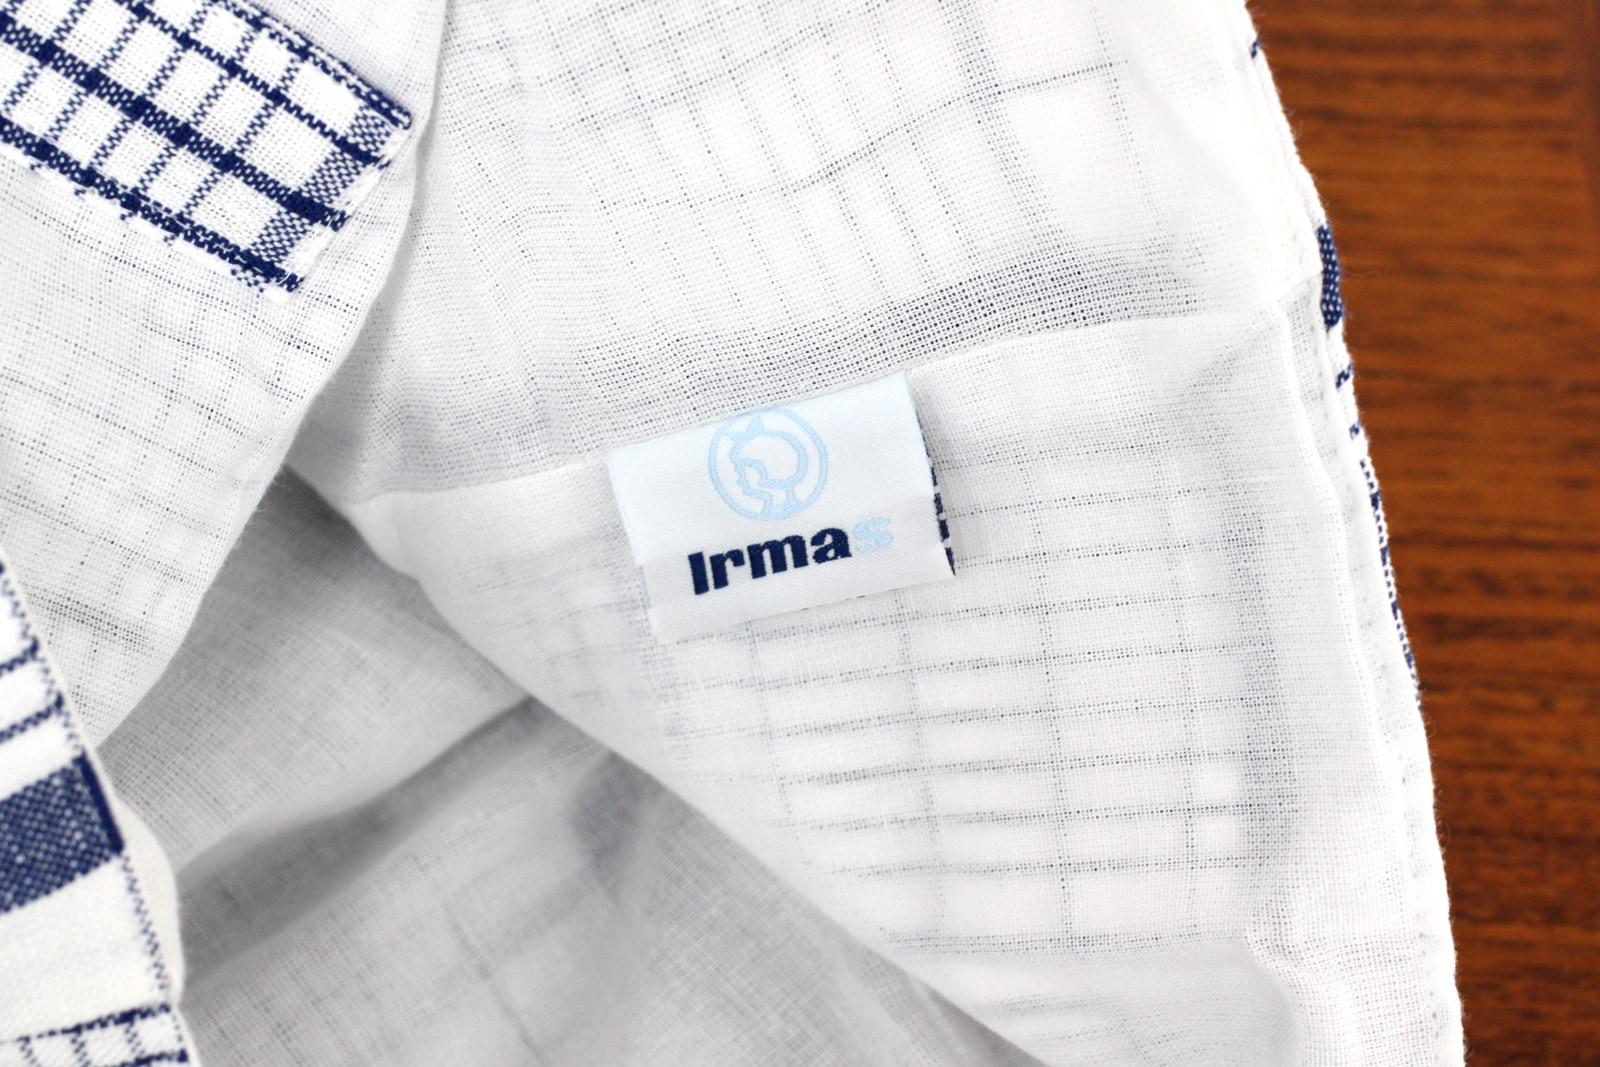 Irma,イヤマ,トートバッグ,デンマーク,北欧雑貨